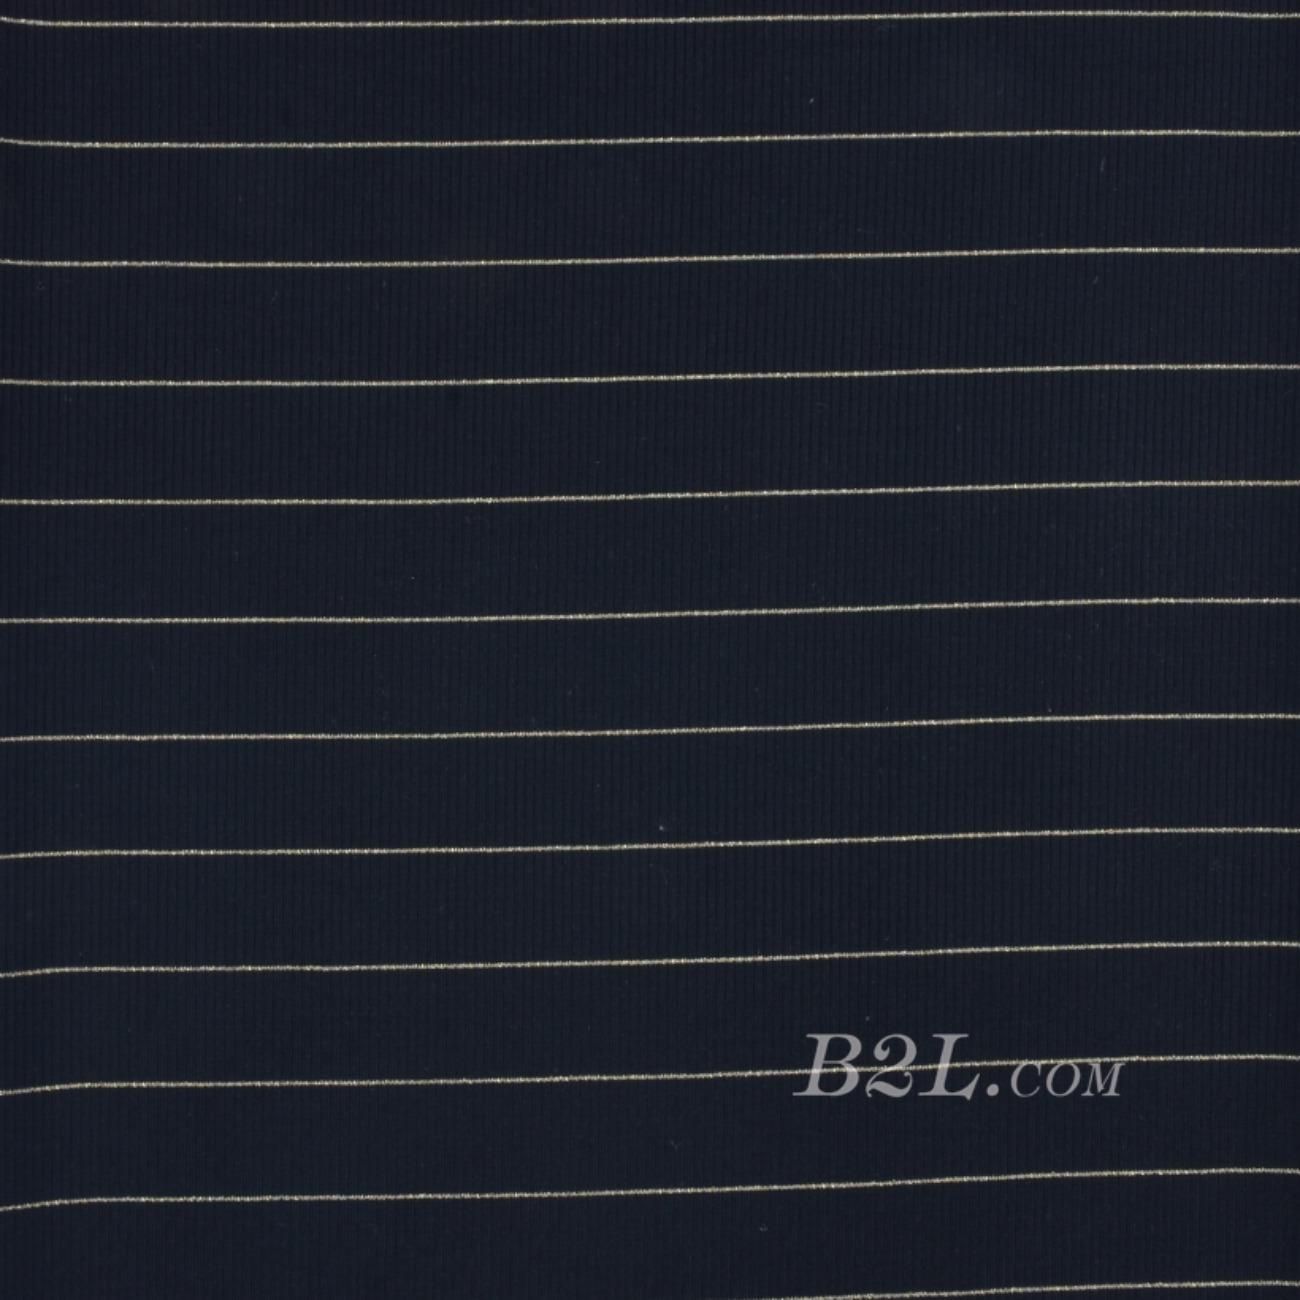 条纹 针织 横条 金丝 高弹 棉感 春秋 T恤 针织衫 连衣裙 80905-12